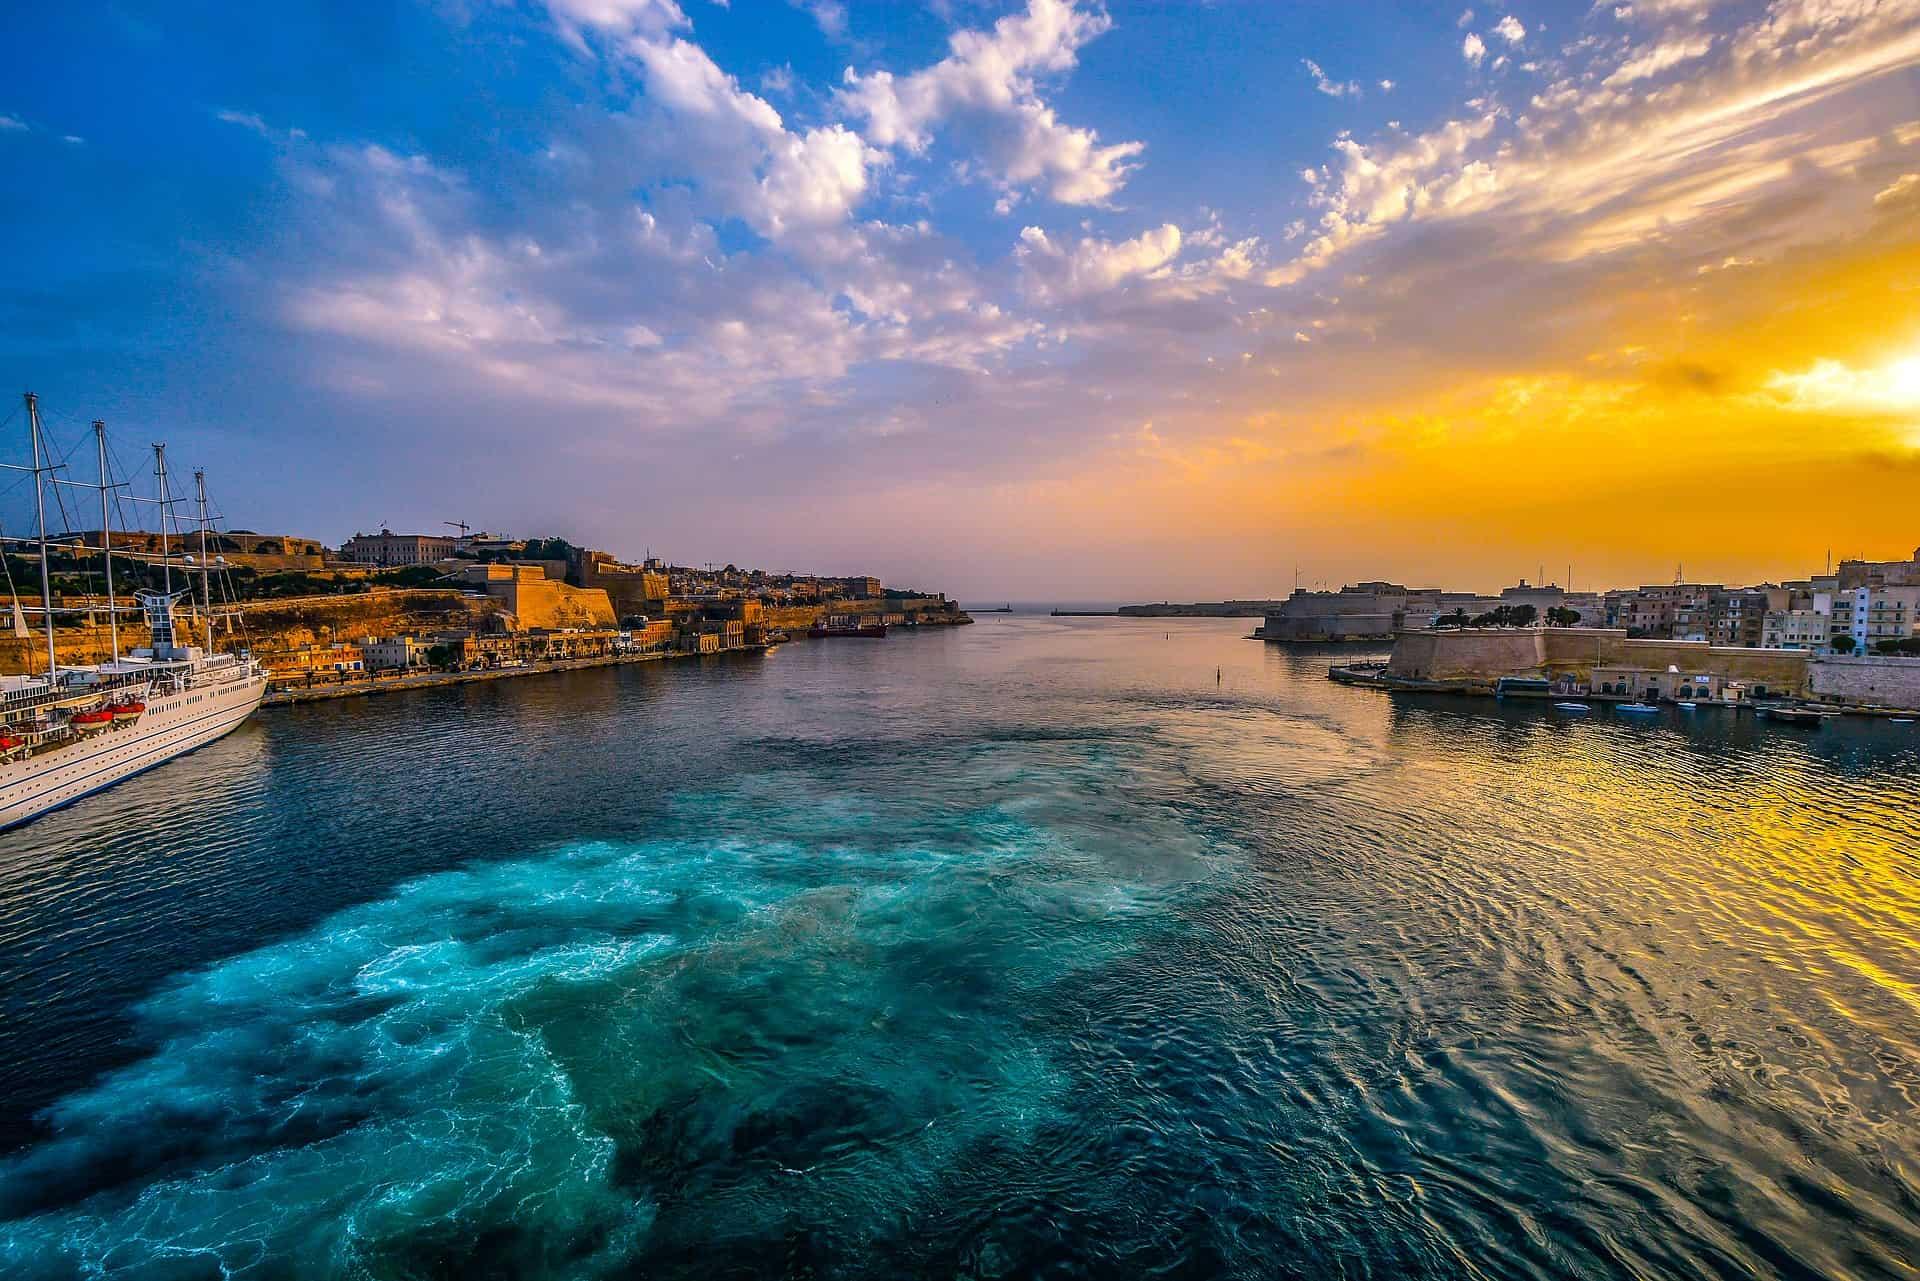 Valetta der Hotspot für einen Malta Urlaub - Hafen & Altstadt